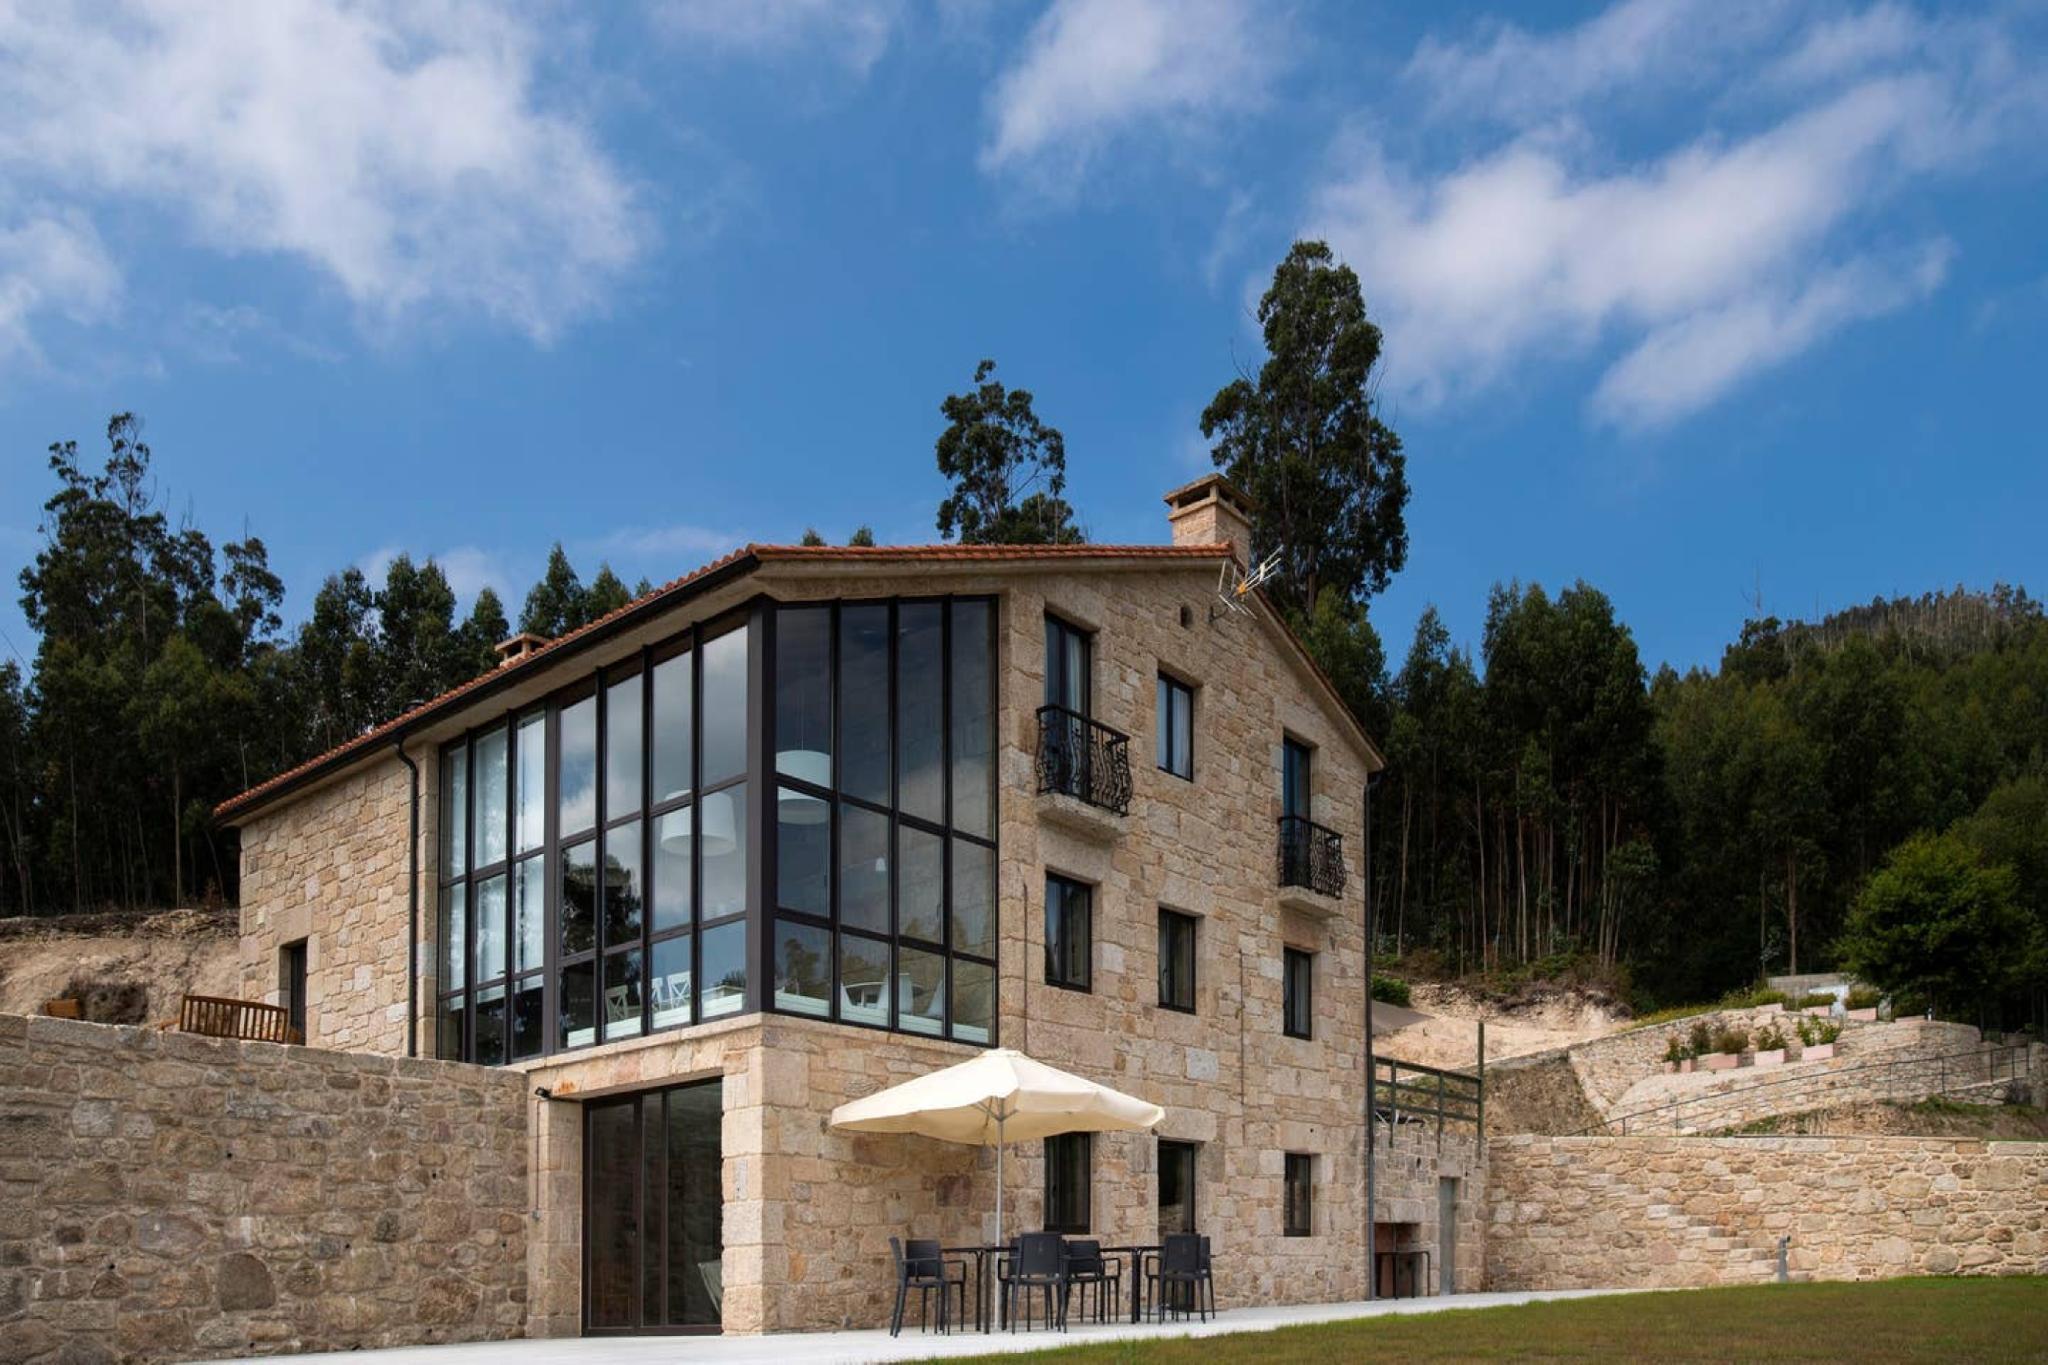 107841  House In A Estrada